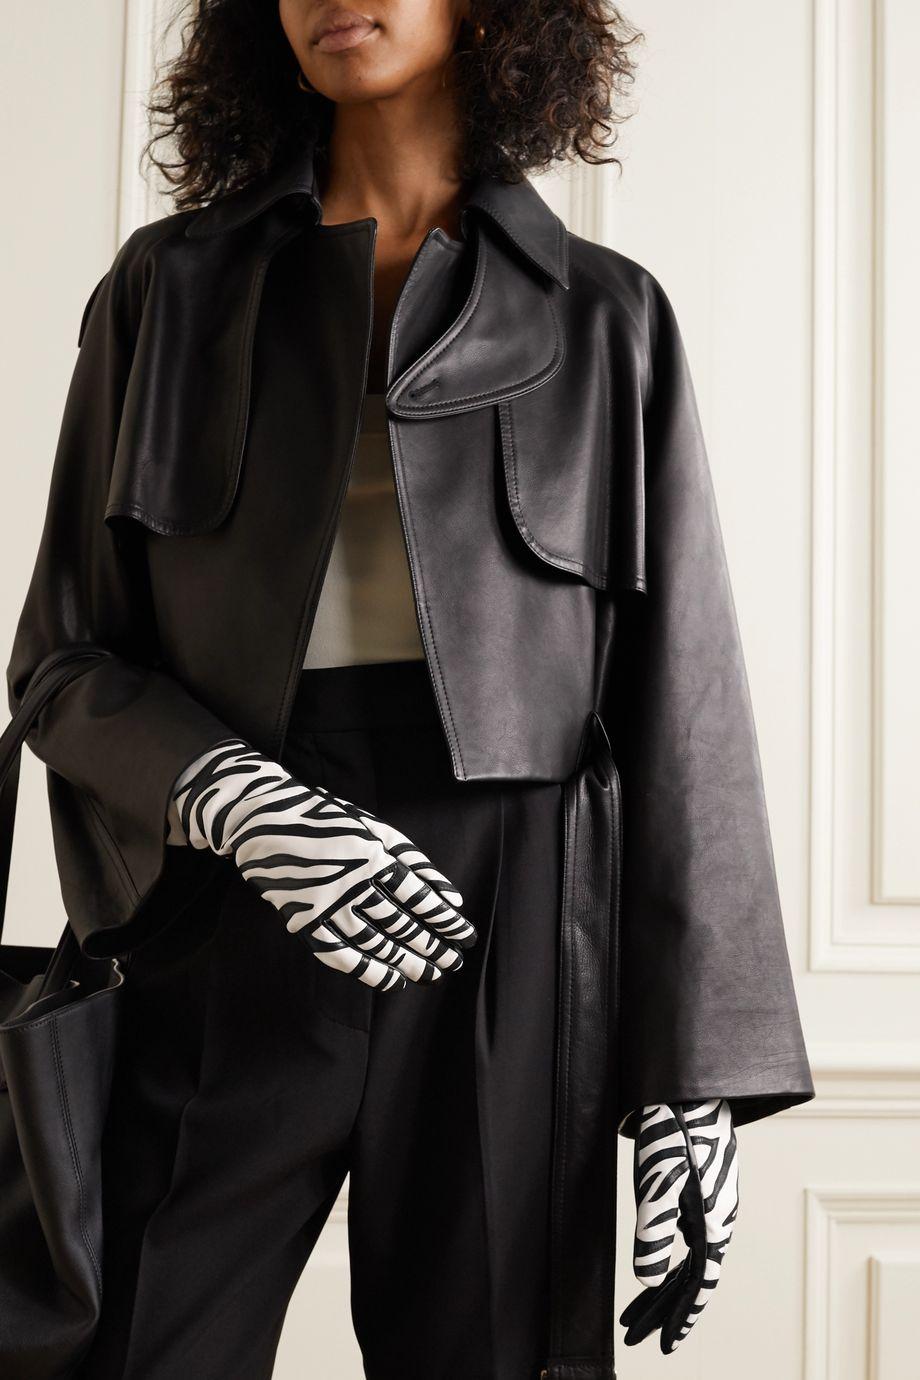 Agnelle Yara appliquéd leather gloves